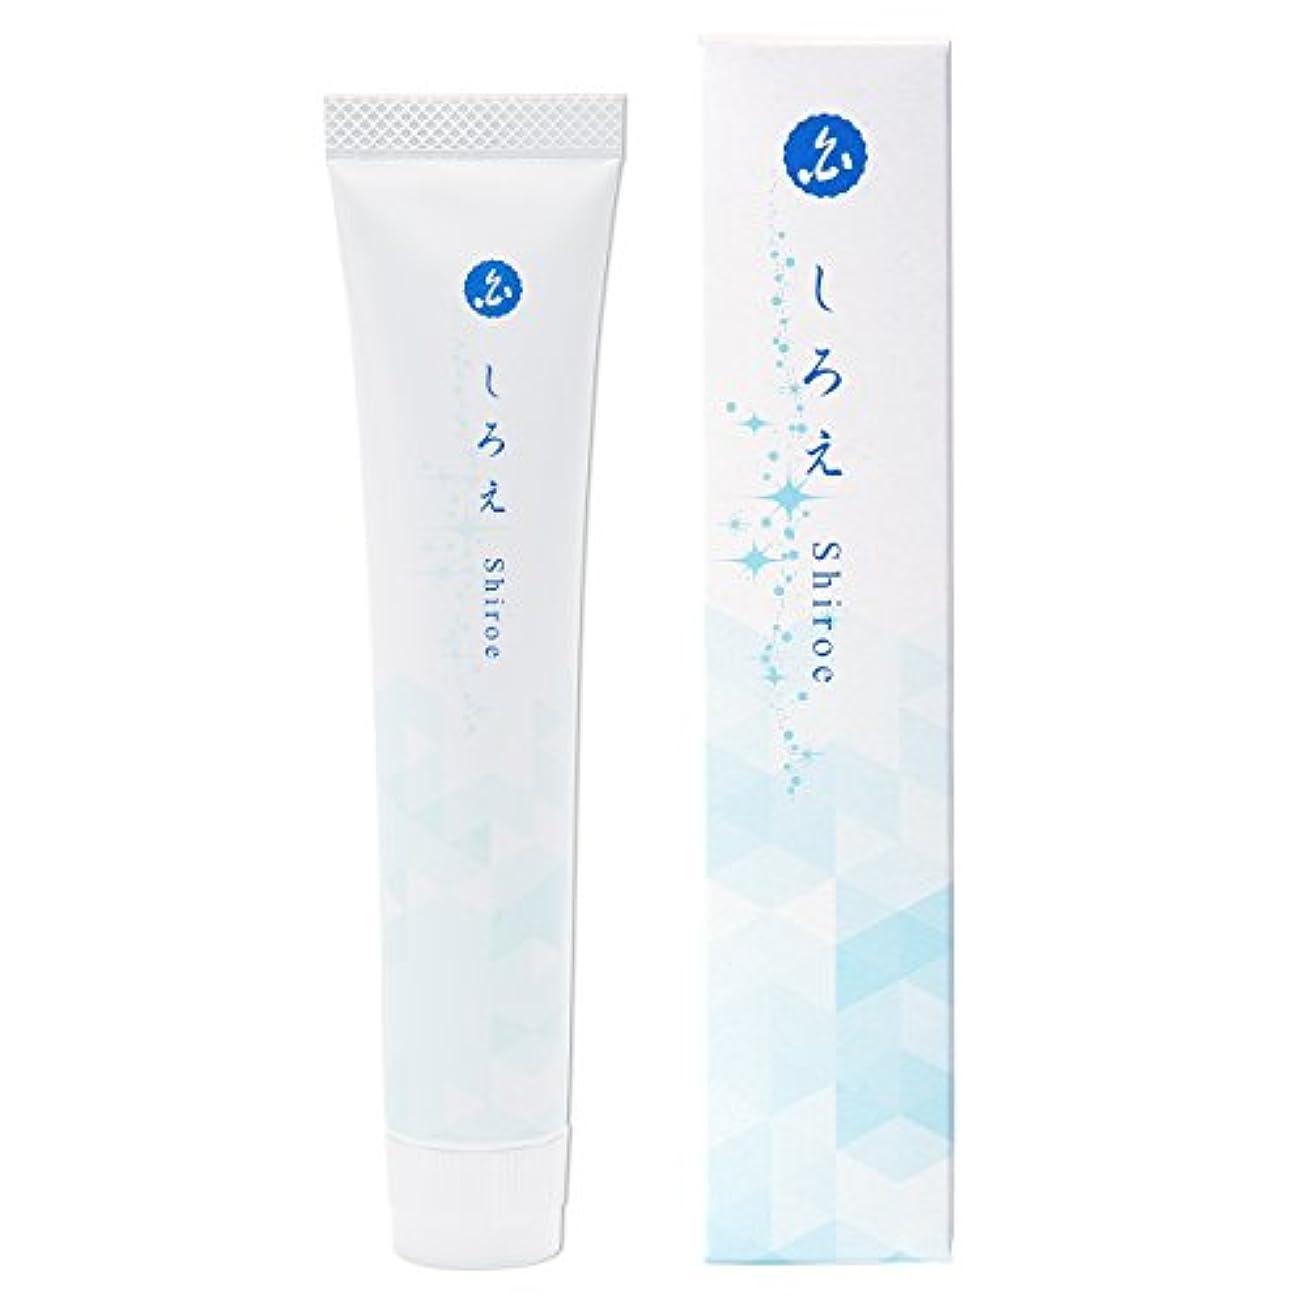 印象的な衝動進化するしろえ 歯磨きジェル 薬用 ホワイトニング歯磨き粉 医薬部外品 はみがき粉 50g 日本製